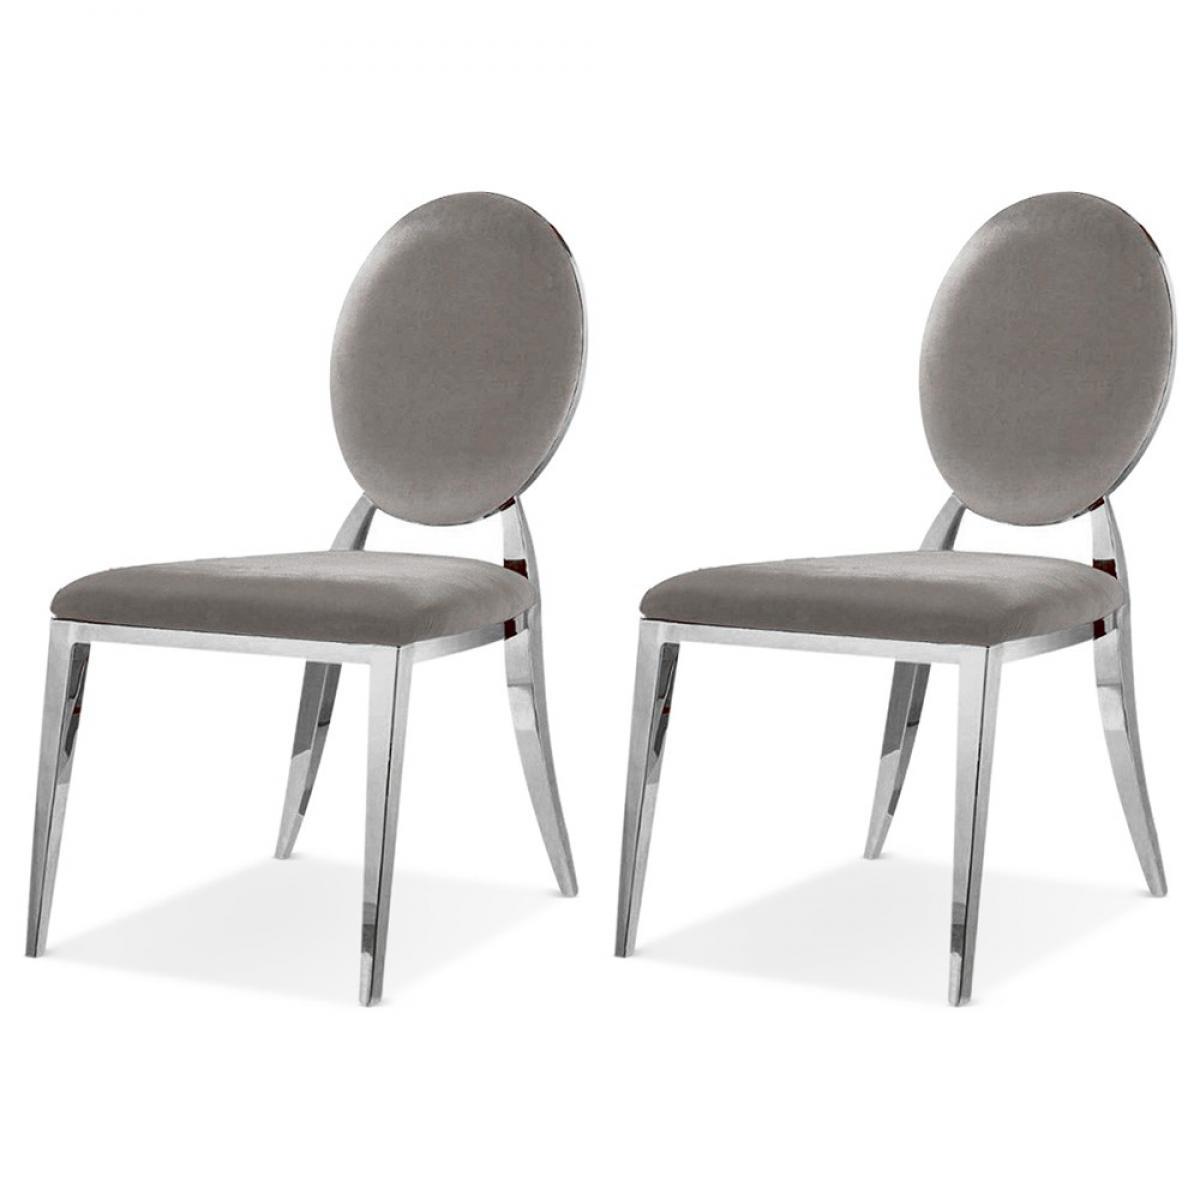 Meubler Design Lot De 2 Chaises Médaillon Pied Acier ERA - Velours Taupe